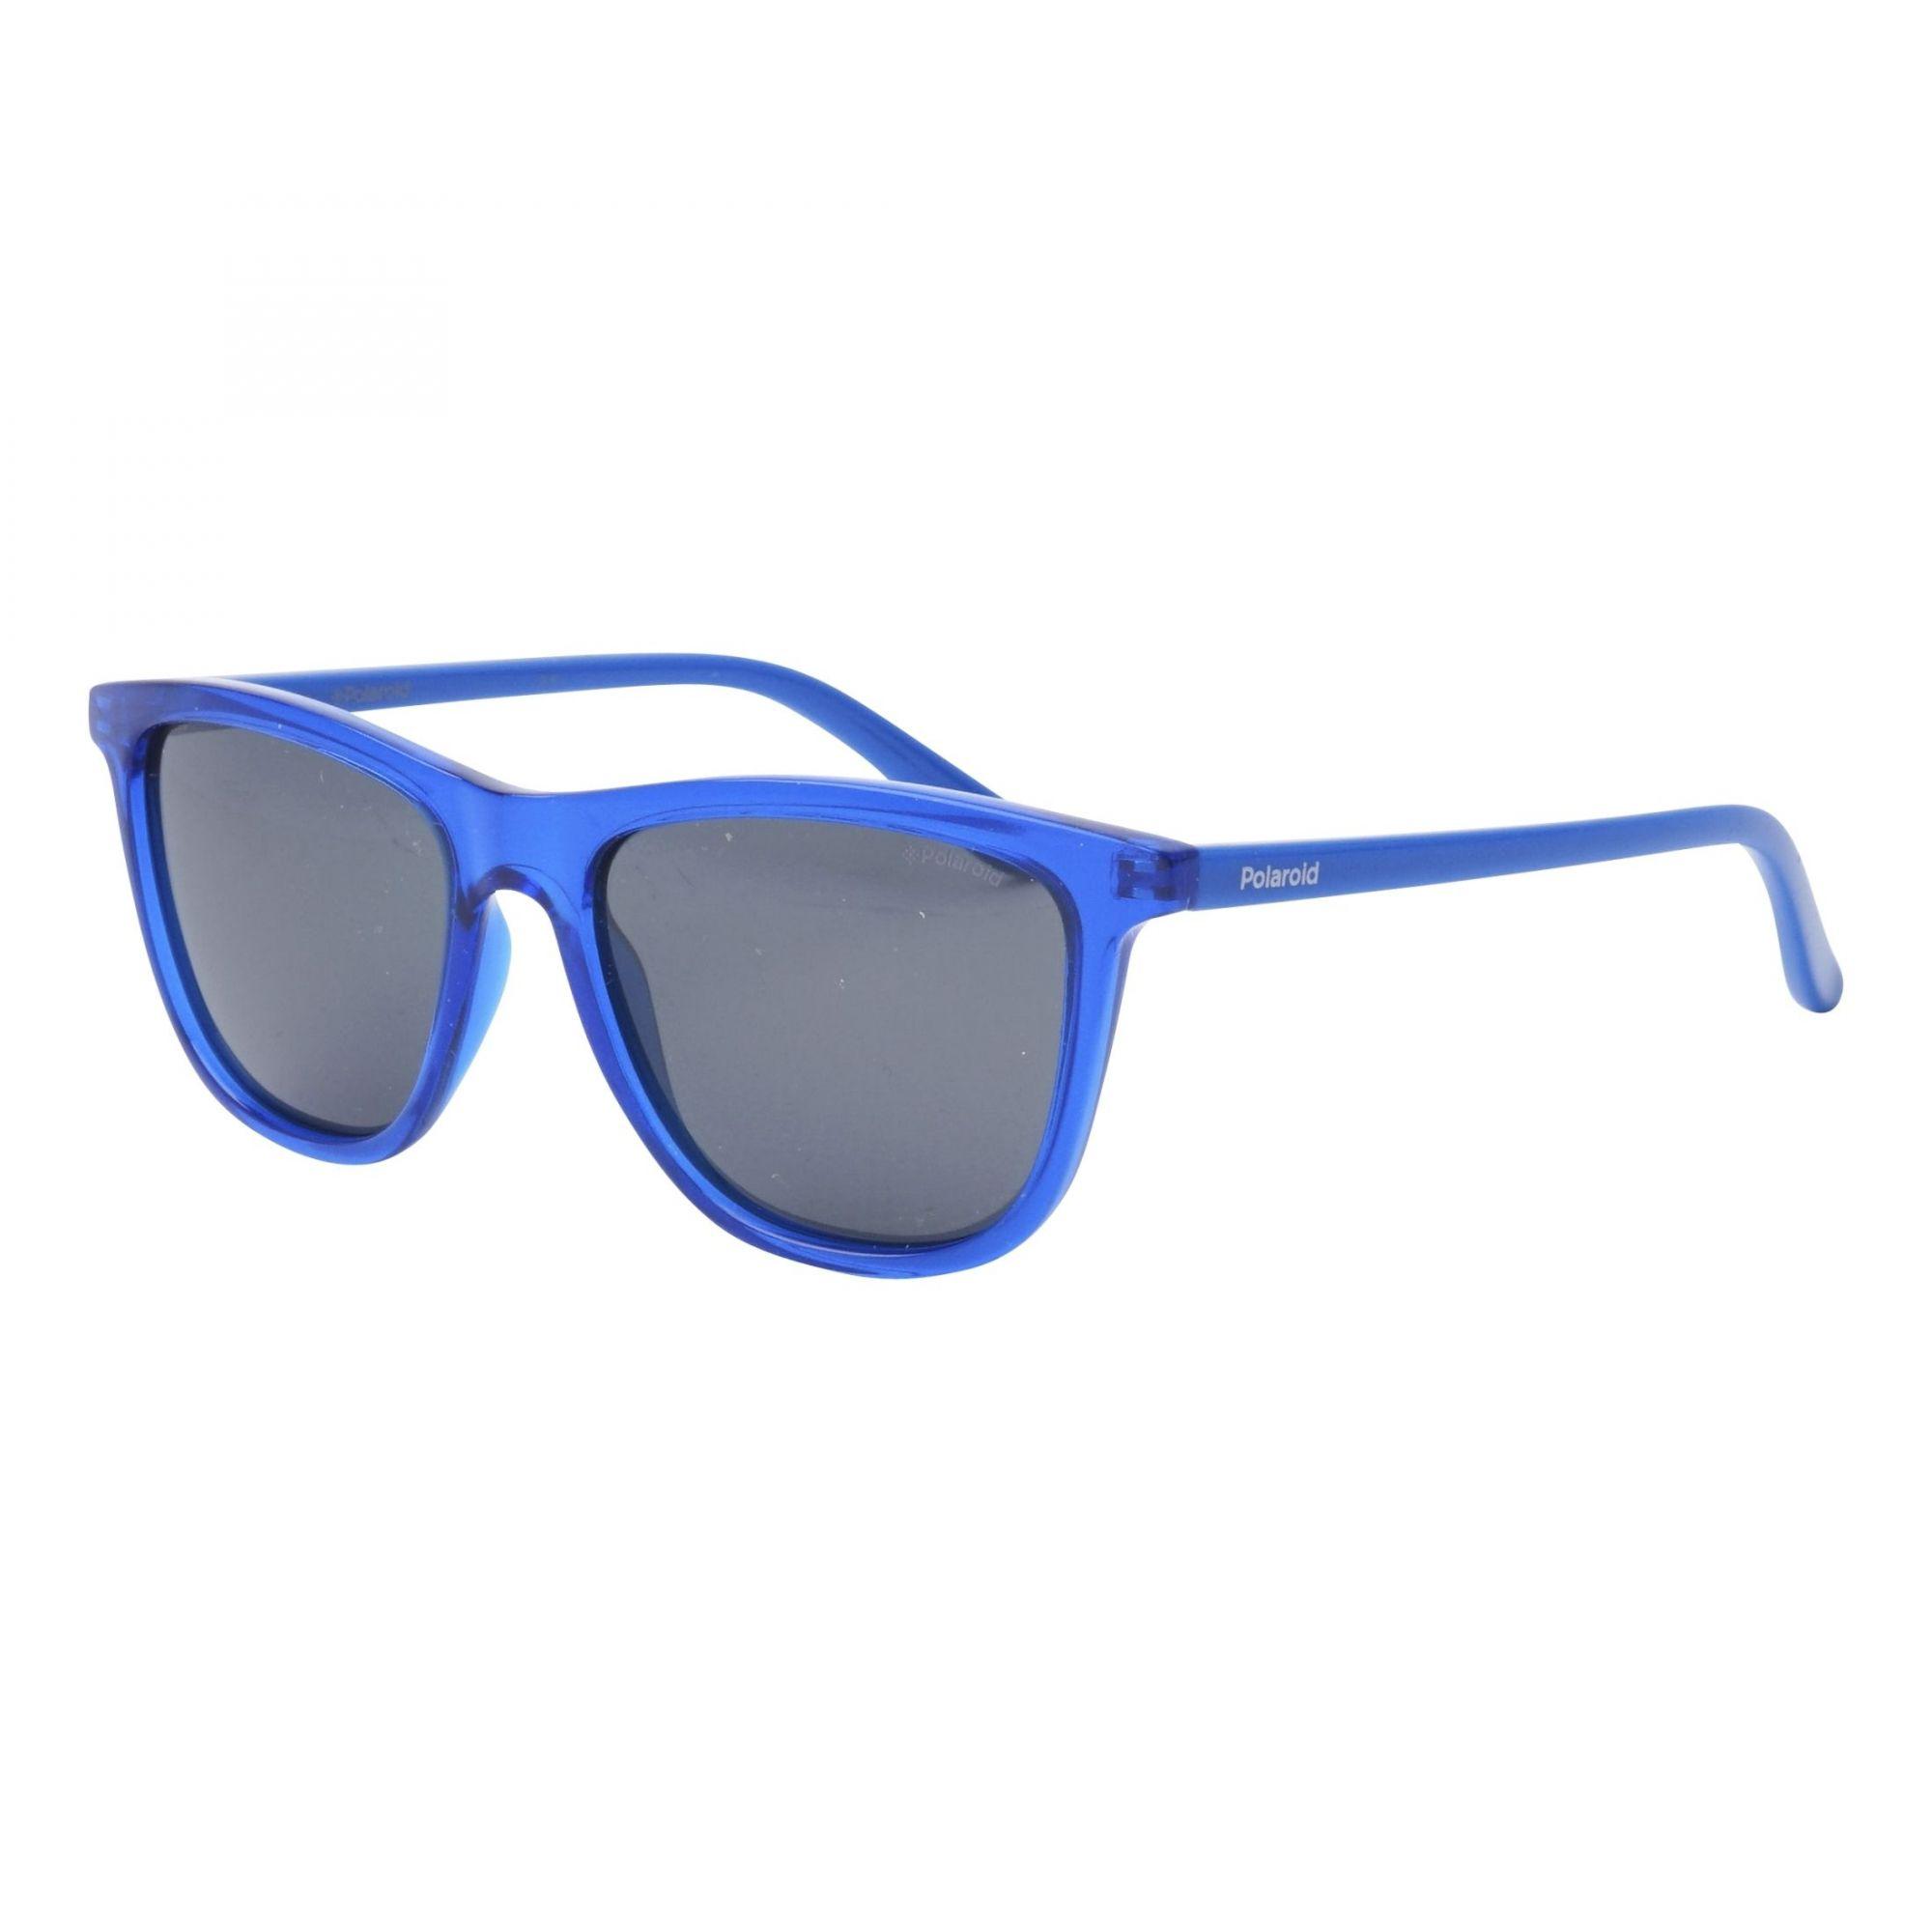 d2d7924a6d5ba Óculos de Sol Polaroid Infantil Masculino PLD8027 S PJPM9 - Omega ...